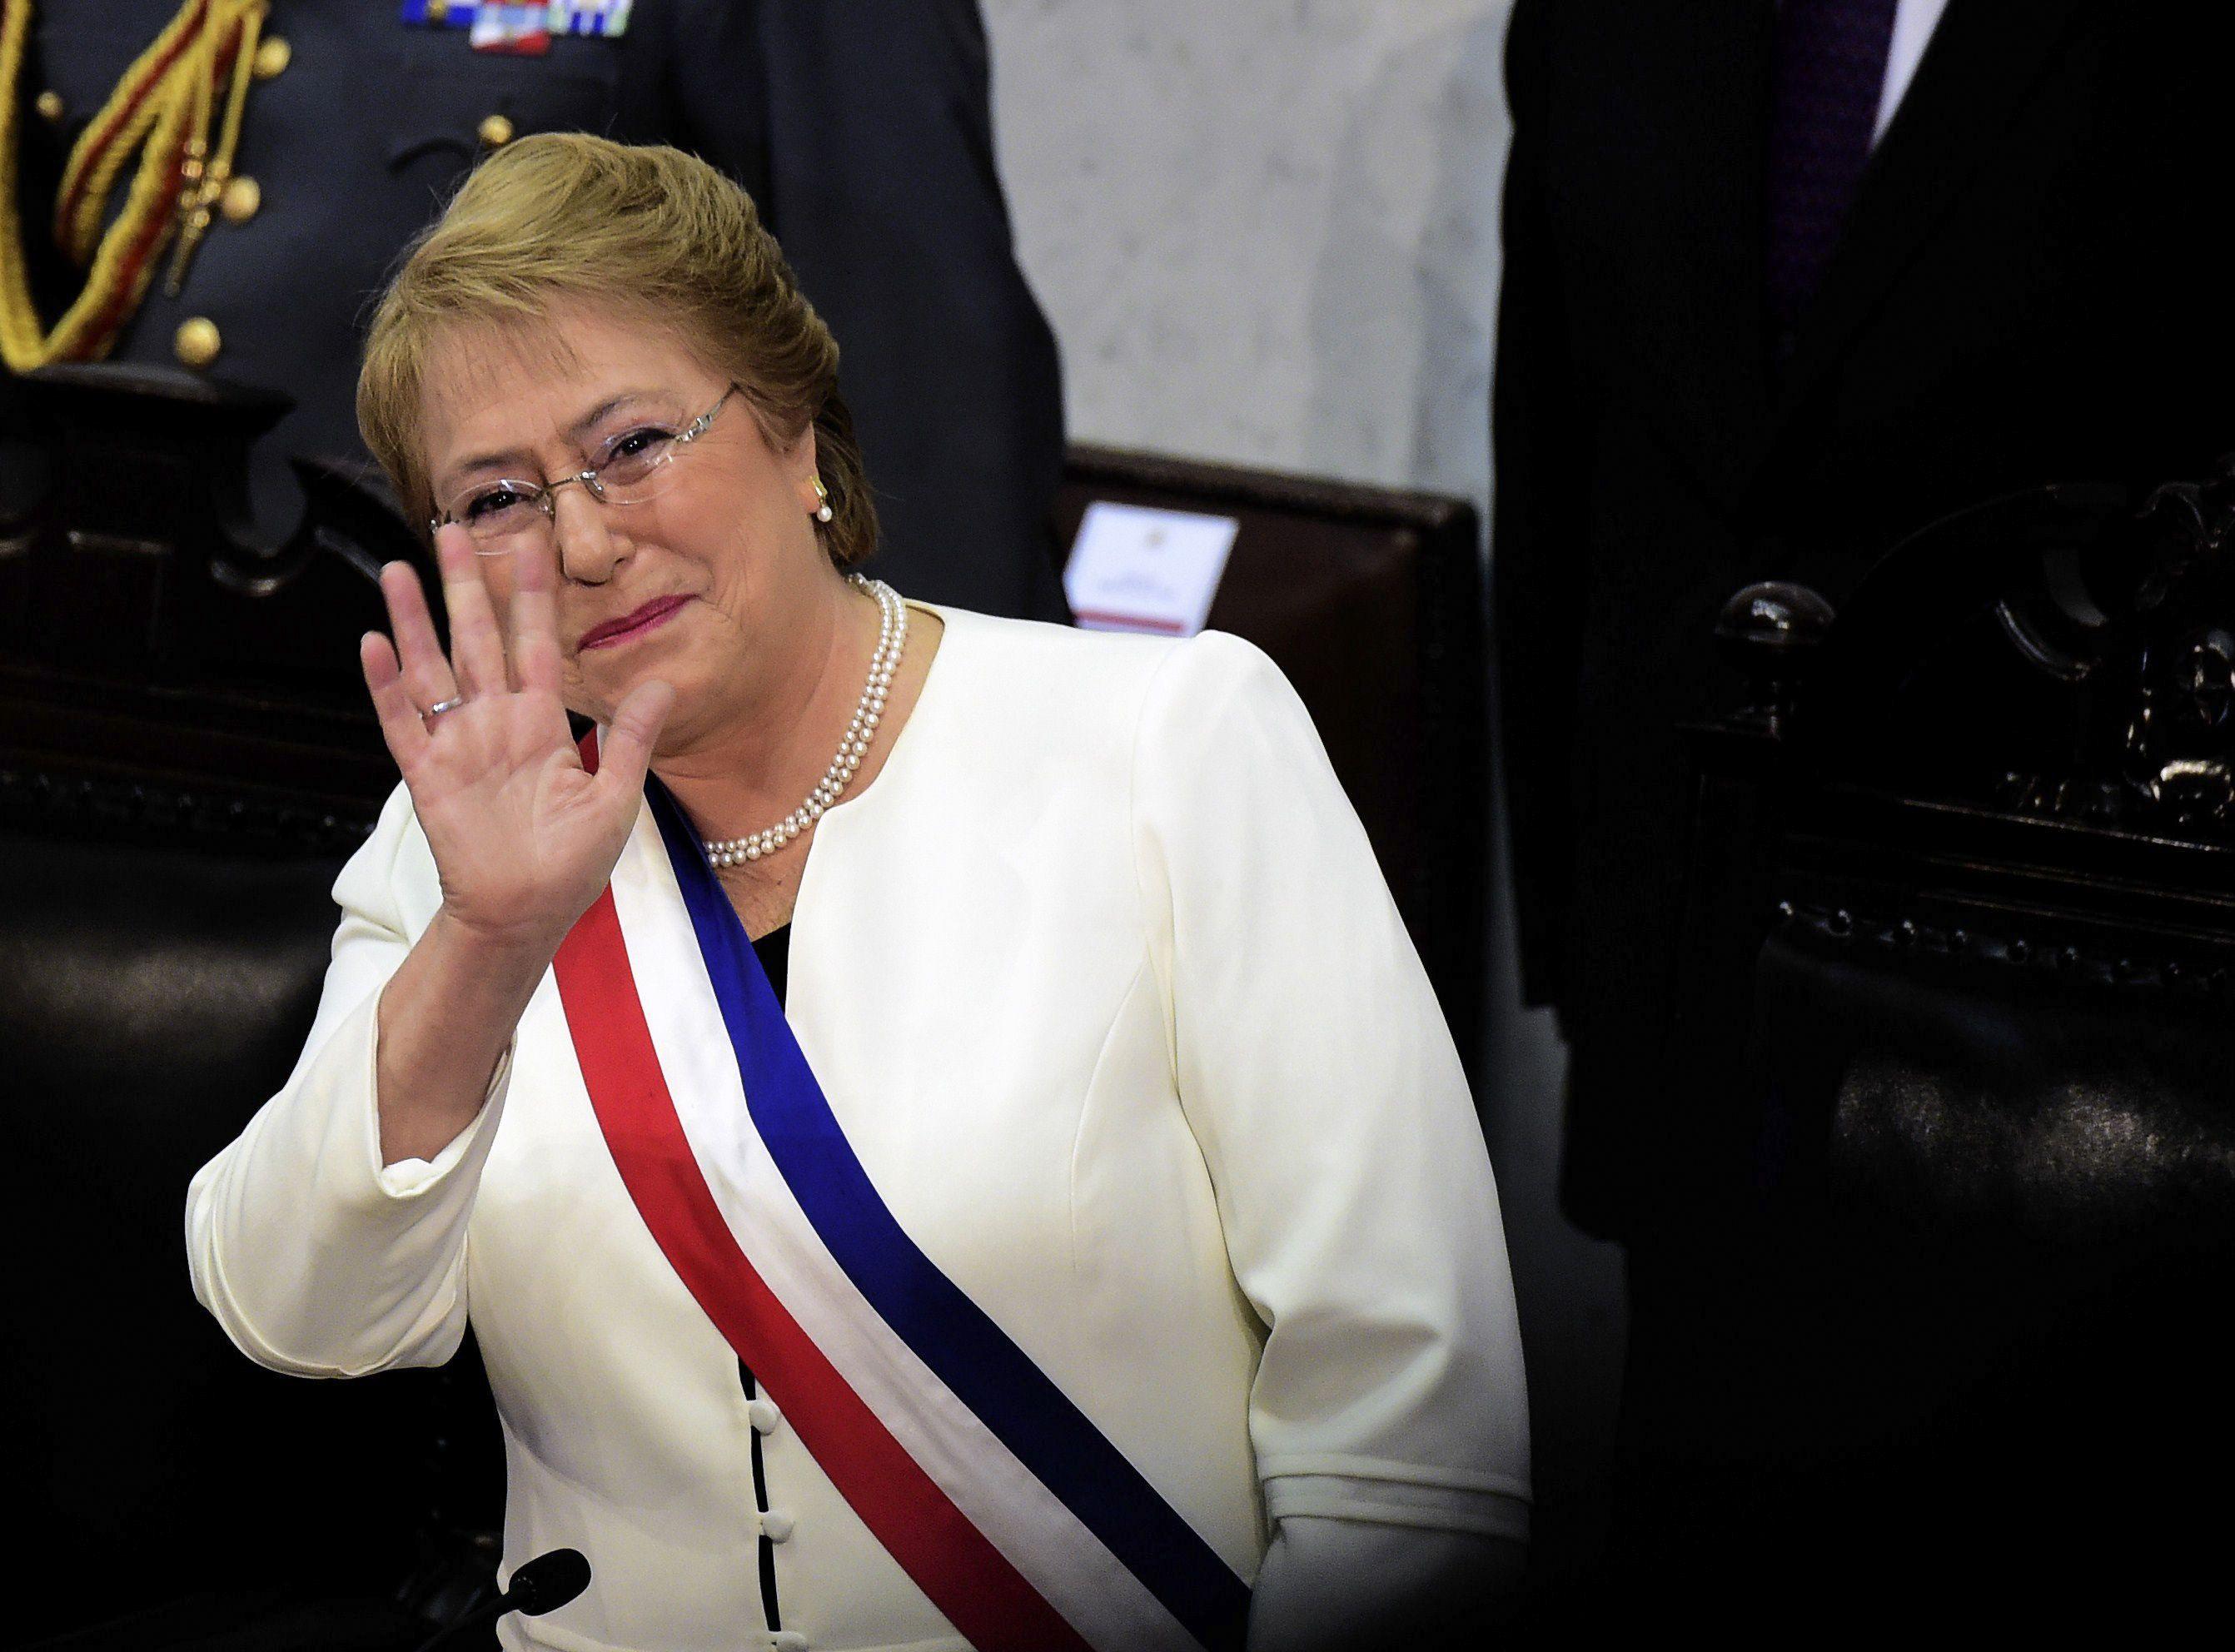 saludito. La presidenta chilena antes de iniciar su discurso en Valparaíso ante el pleno del Congreso.